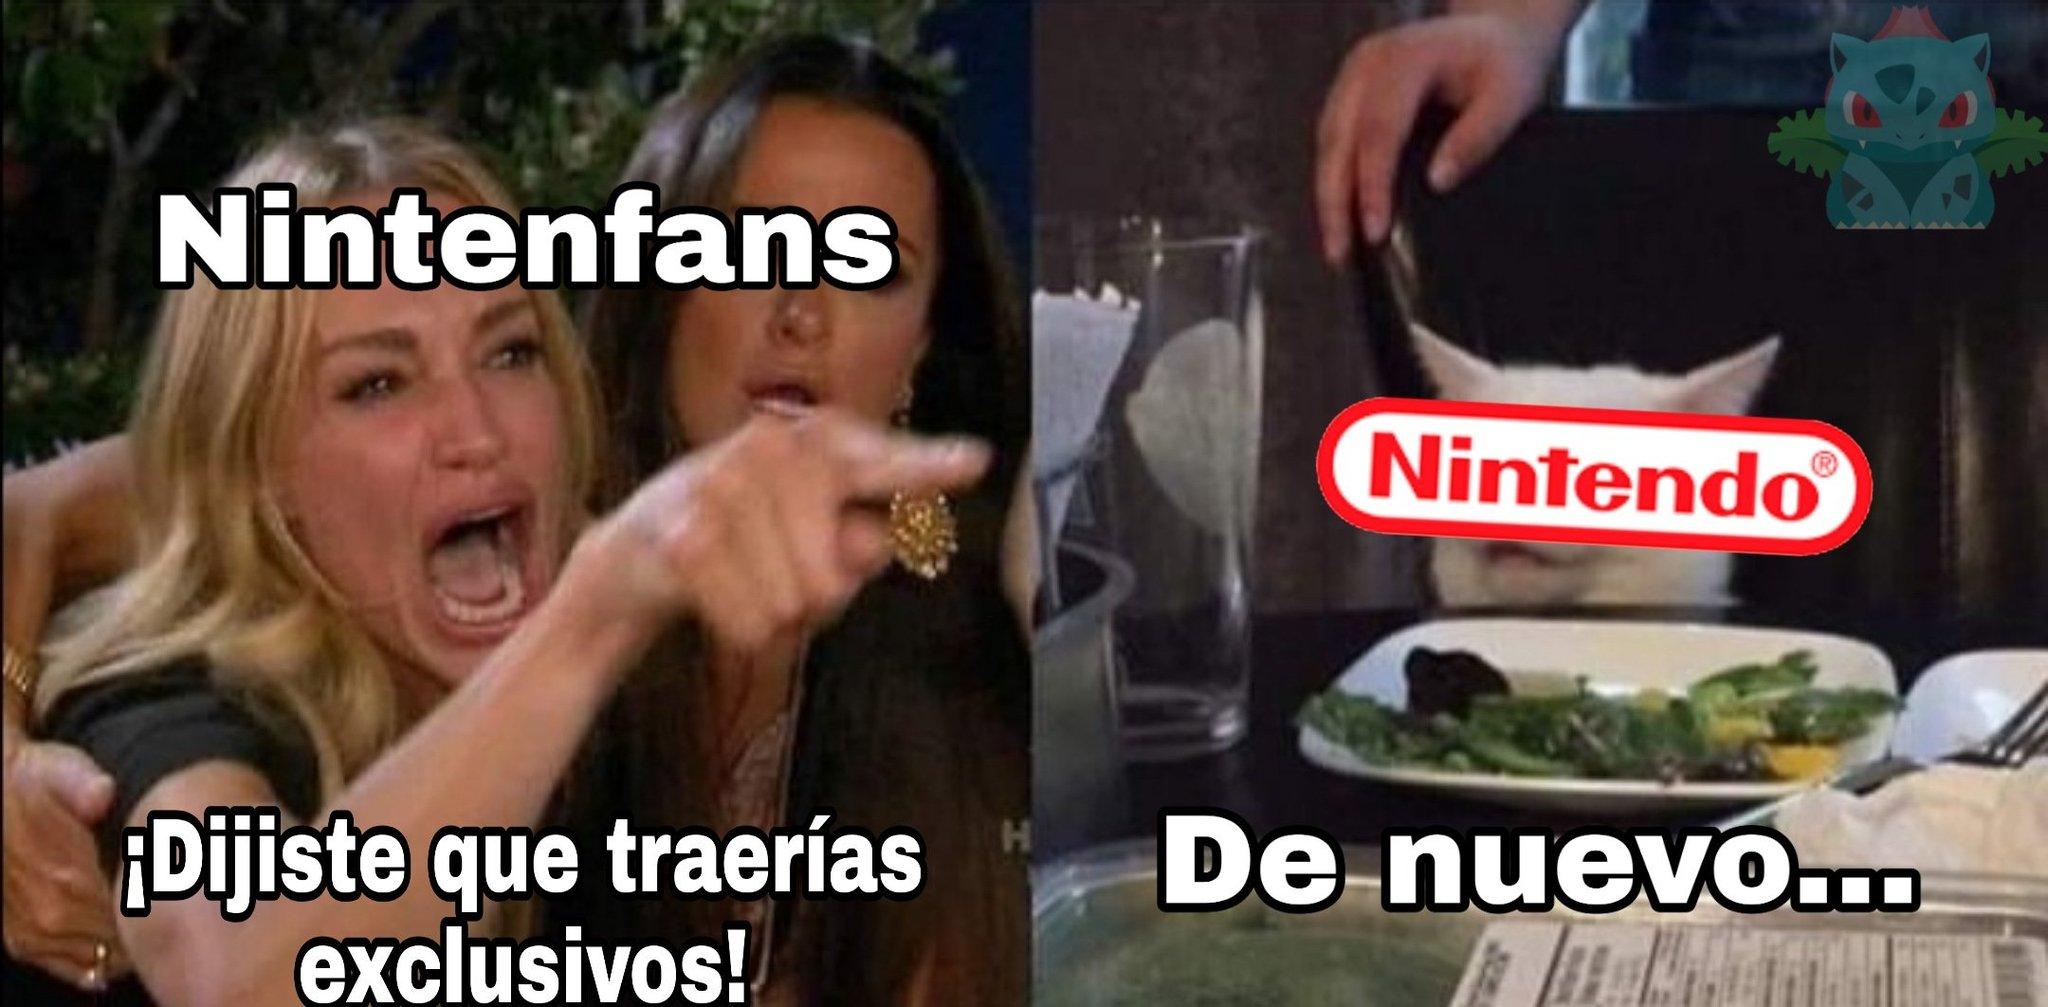 ¿Por qué todos los reales de Nintendo terminan en DELUXE? - meme